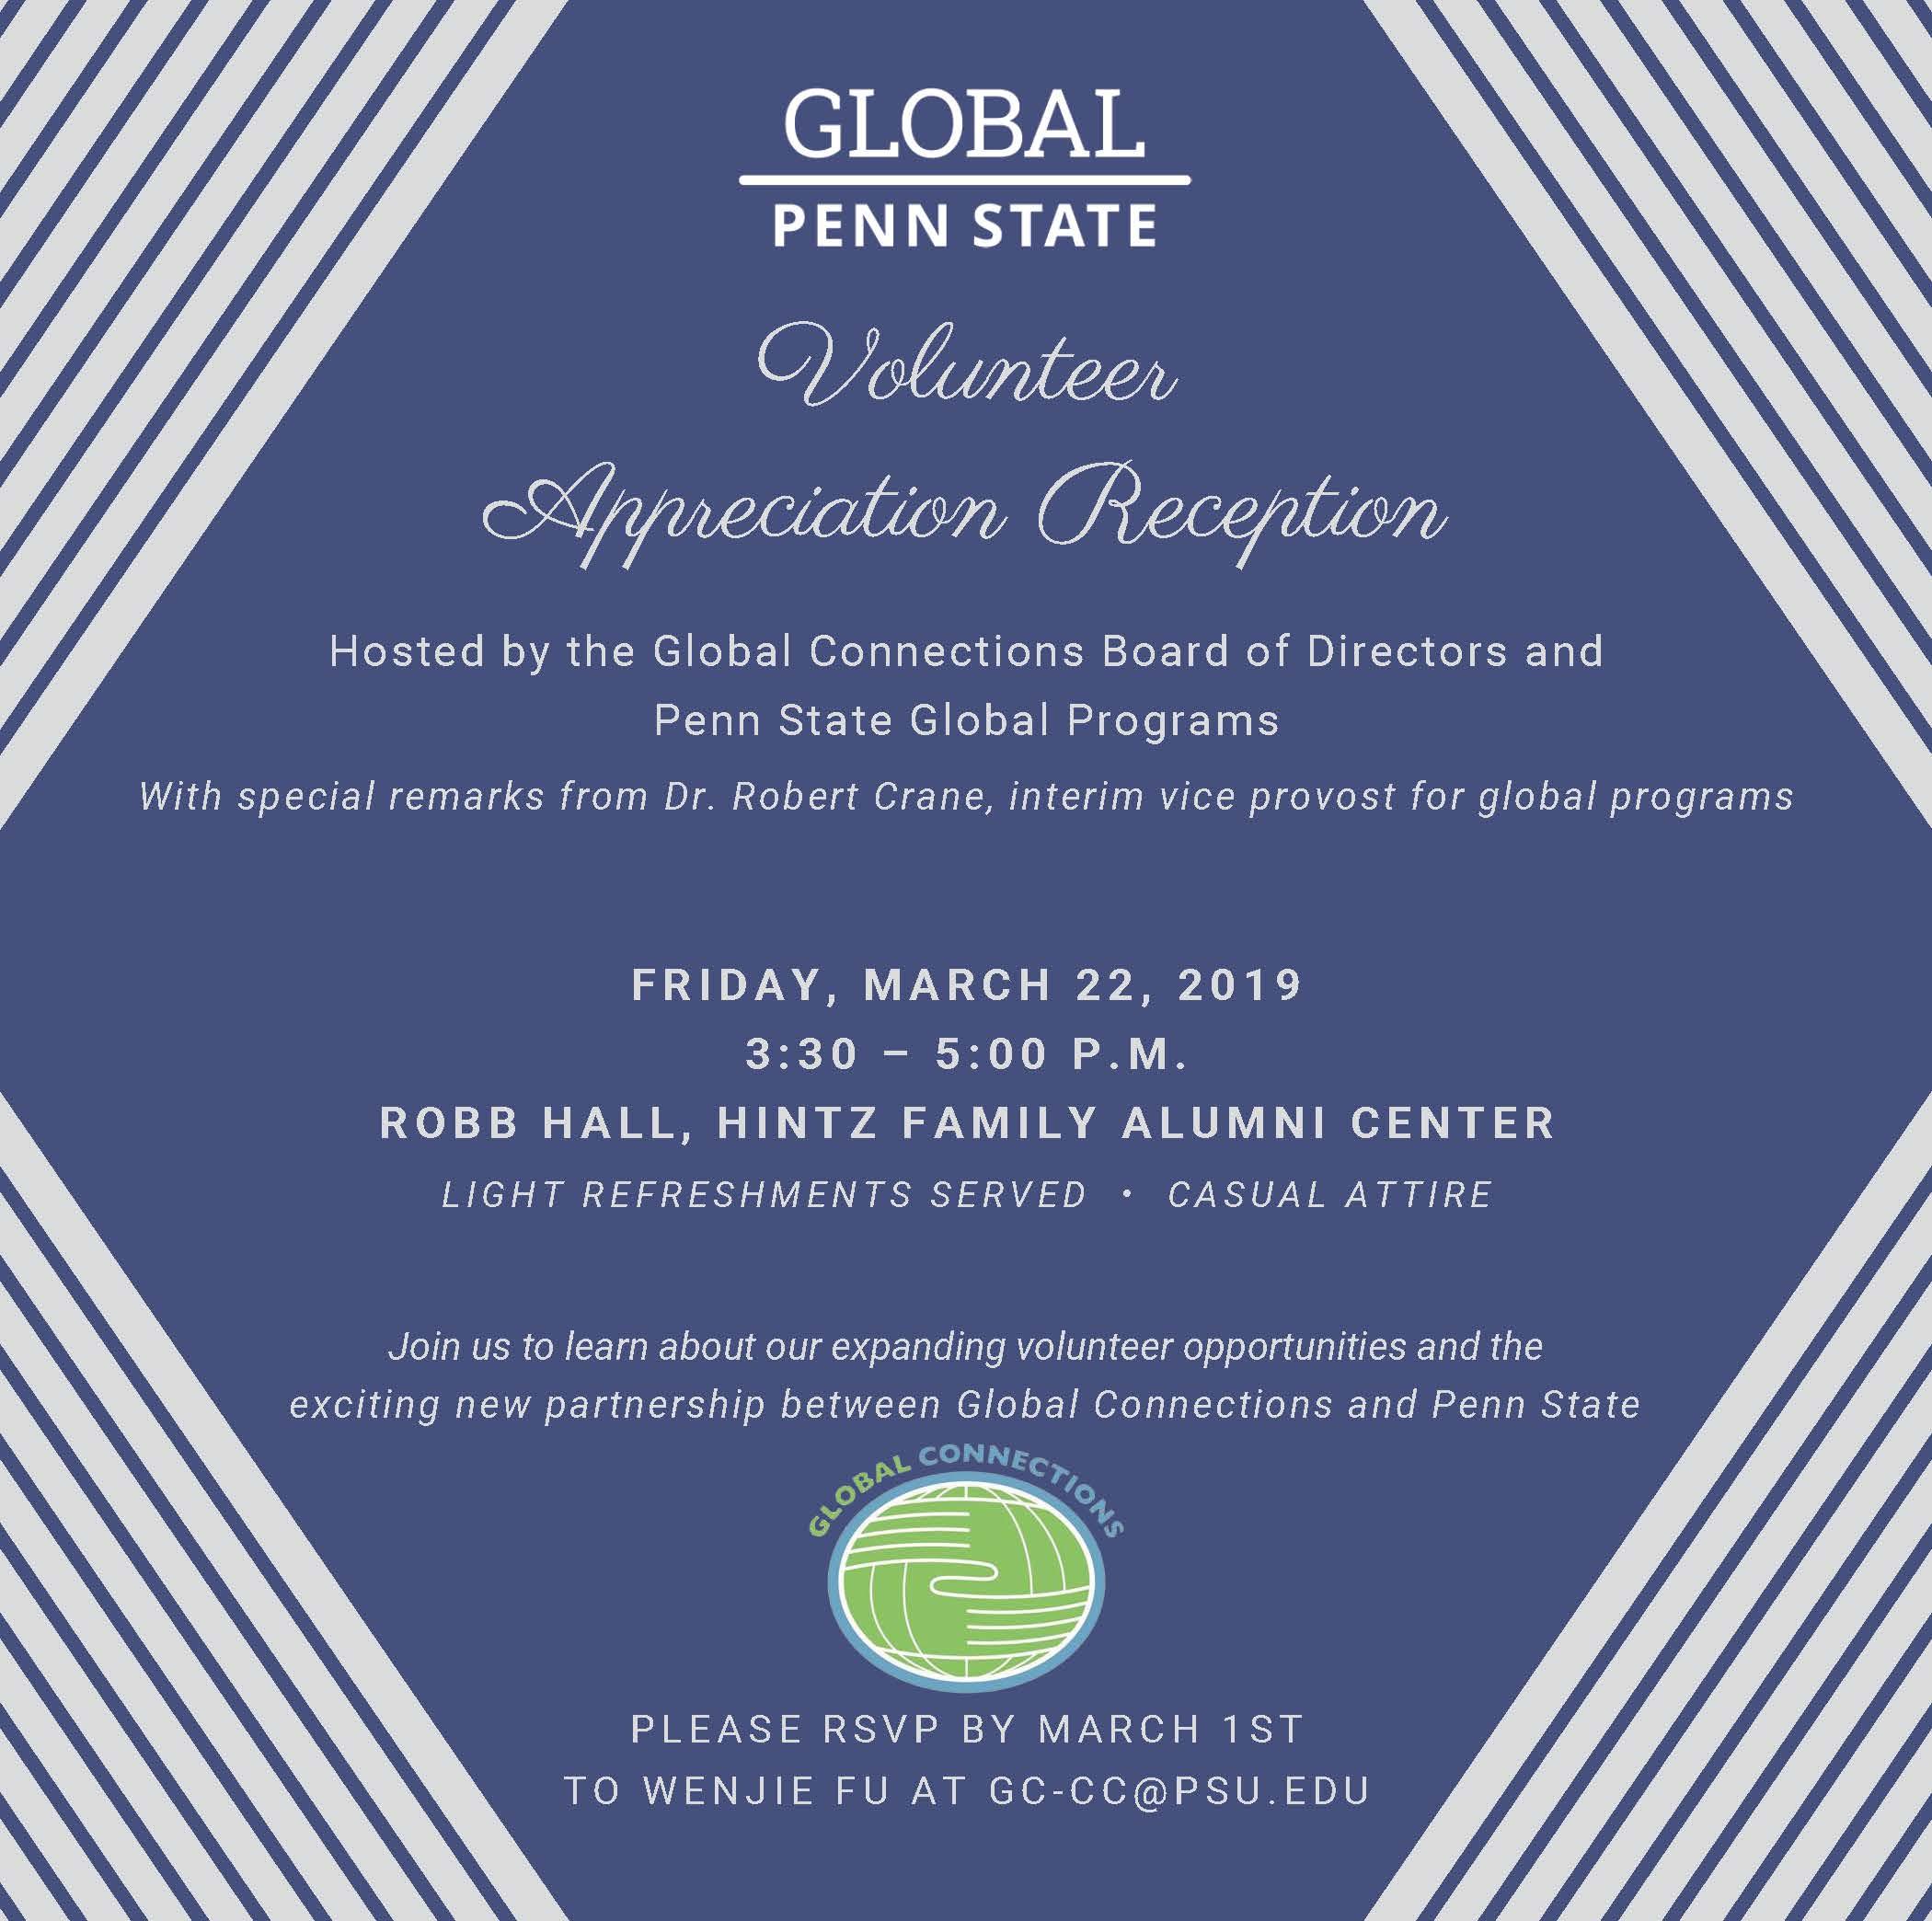 GP_GC Reception Invitation_Final (002)